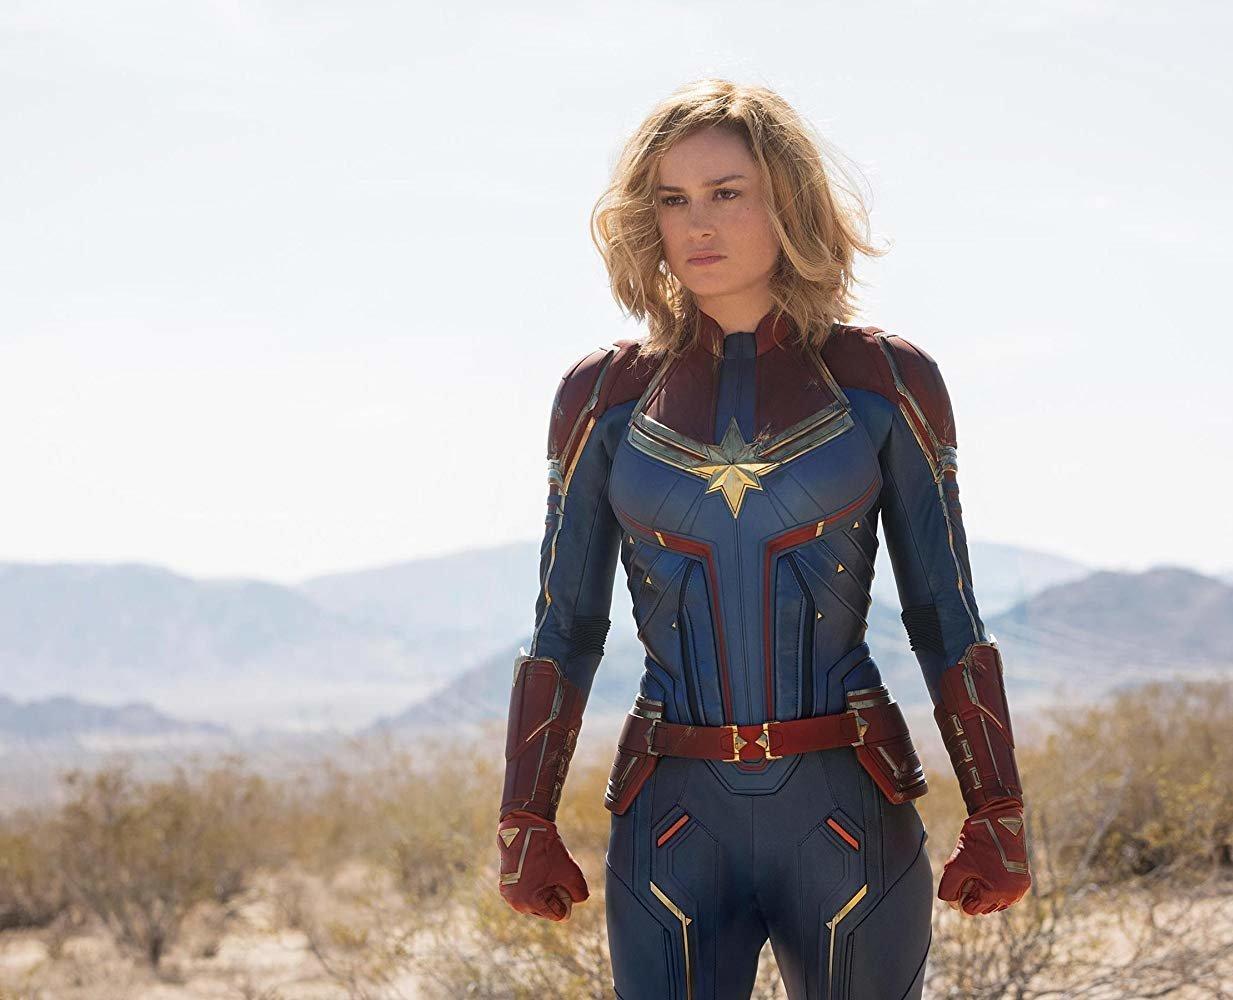 Το επίσημο τρέιλερ της «Captain Marvel» είναι εδώ και είναι γεμάτο εκρηκτικές σκηνές και